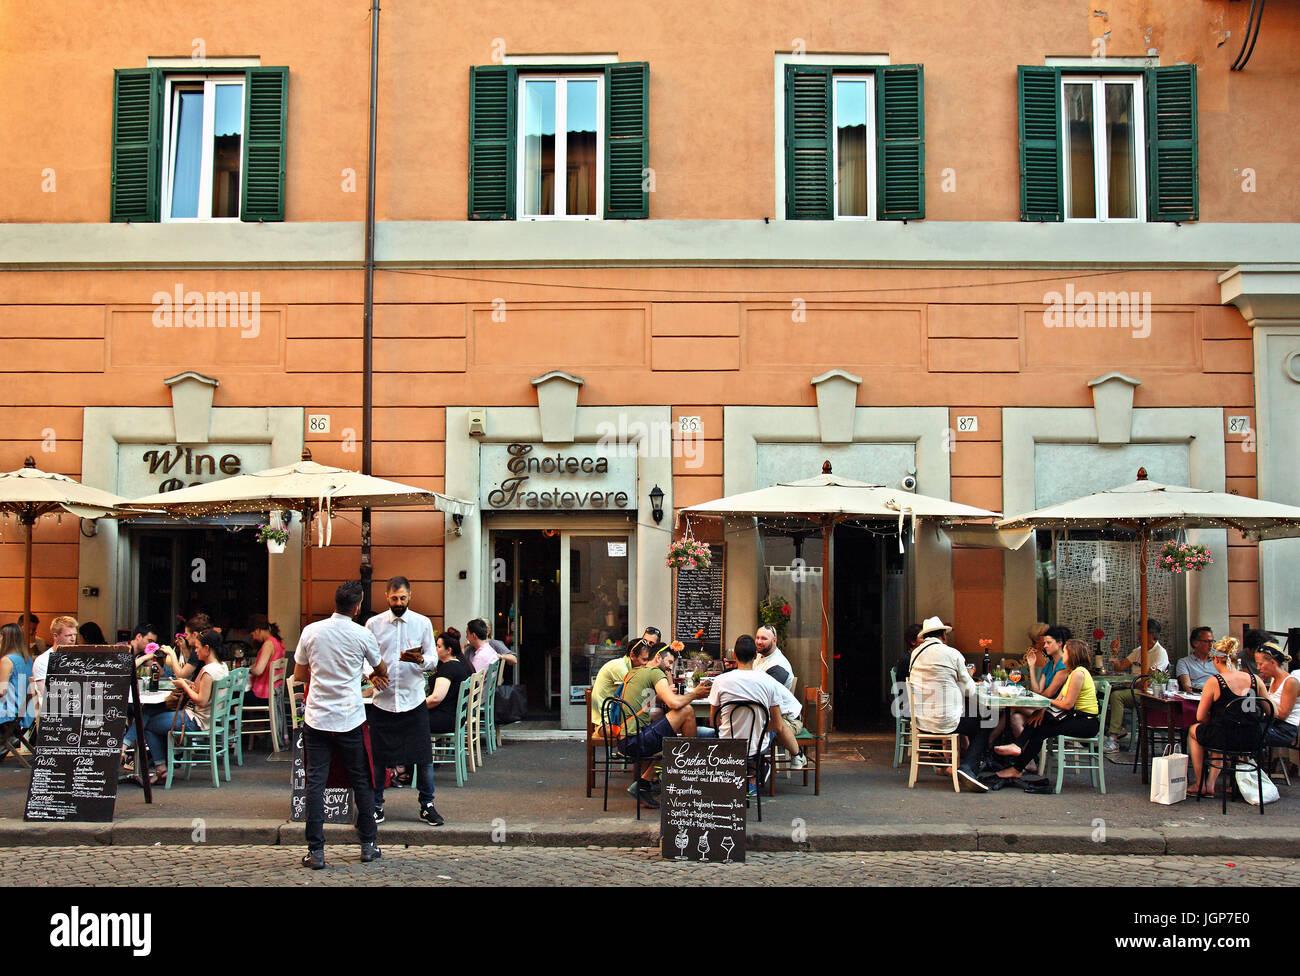 Wine bar - restaurant ('Enoteca Trastevere') at Trastevere, Rome, Italy - Stock Image